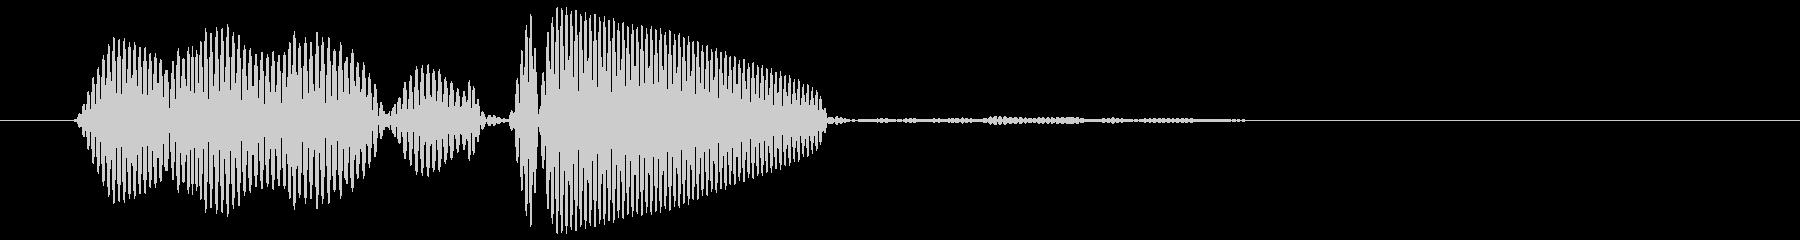 ポコッ(沼にはまったような音)の未再生の波形